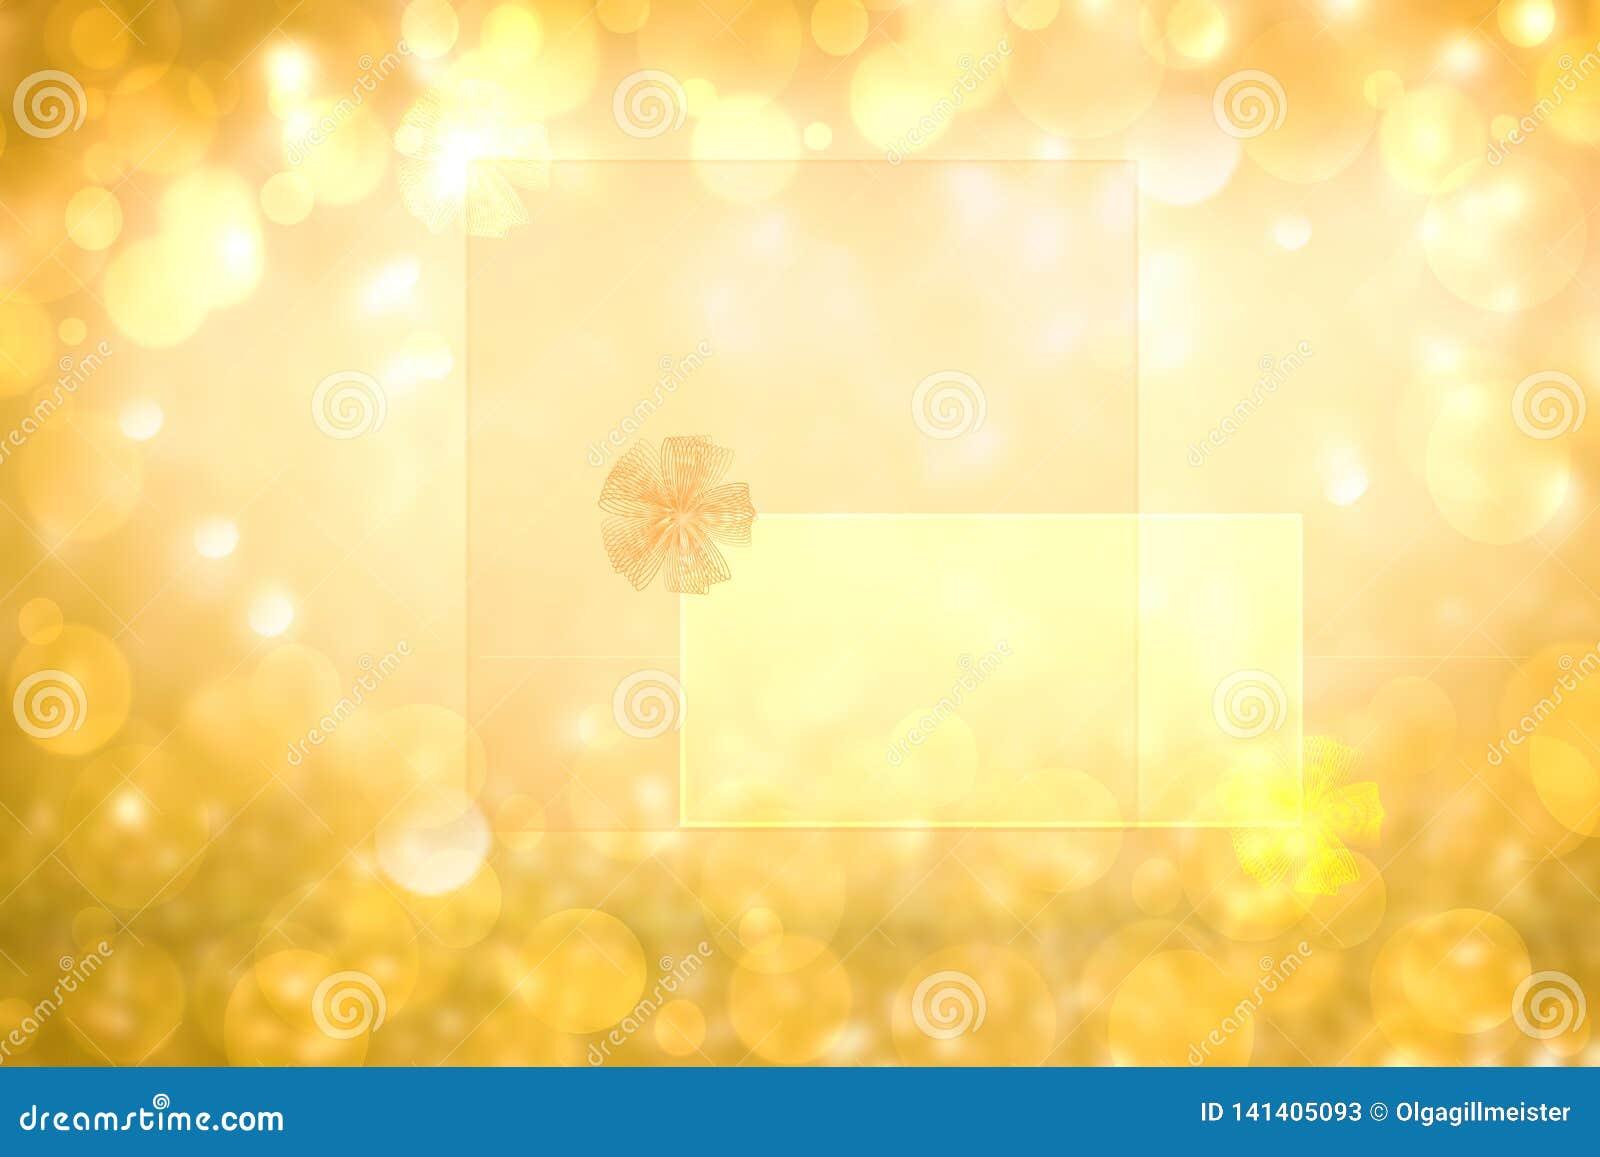 Текстура предпосылки яркого блеска конспекта праздничная золотая с рамкой со смычком ленты на прозрачных письмах Сделанный для Ва